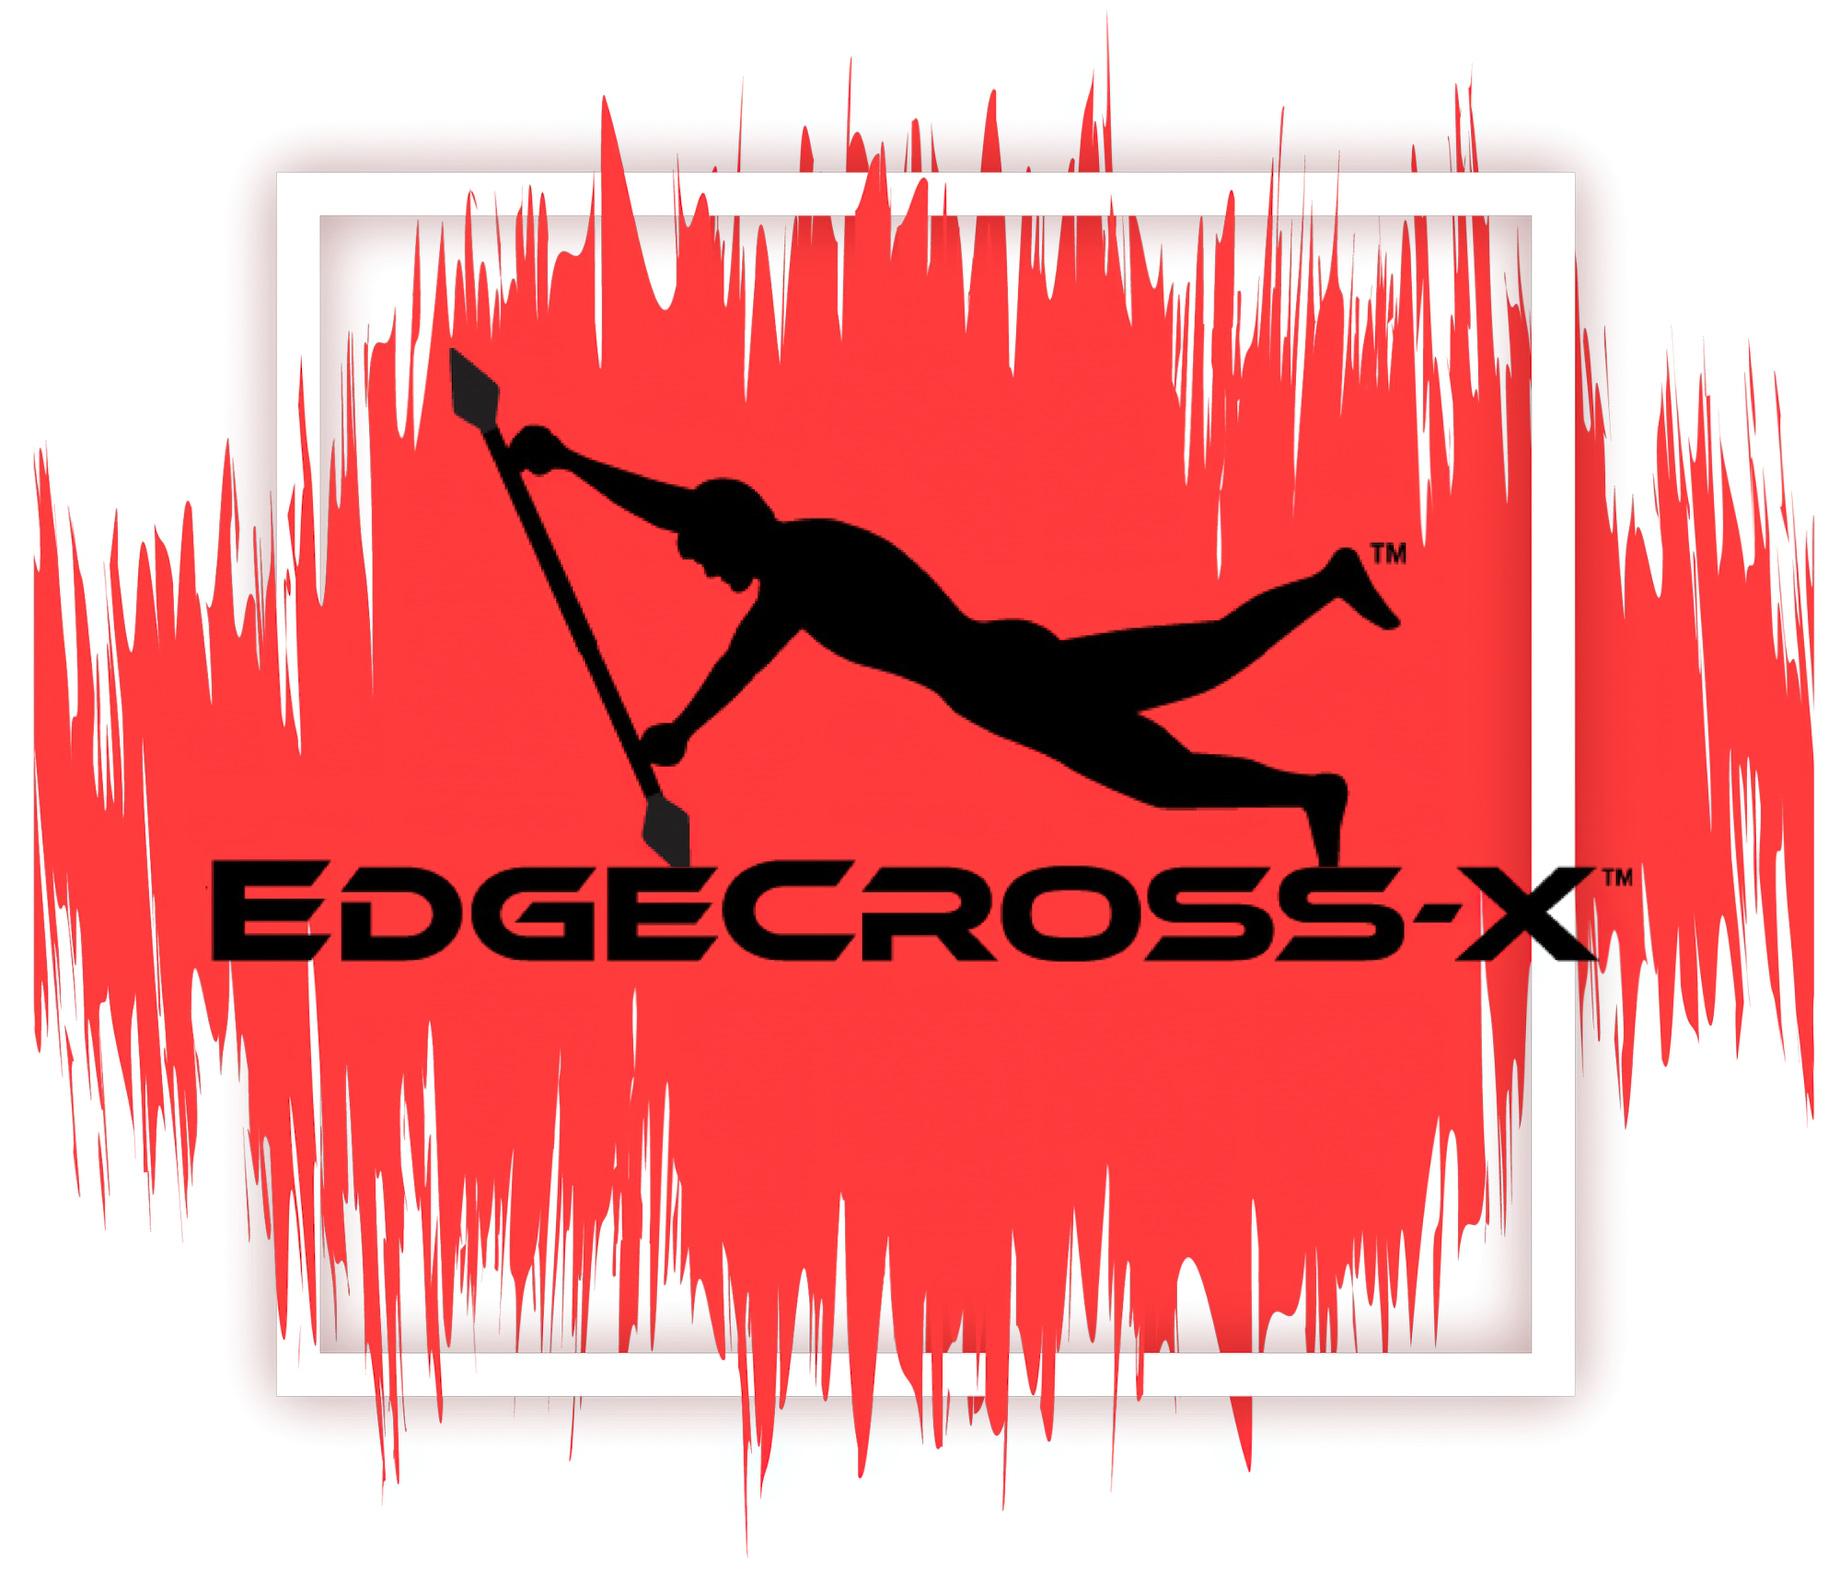 EdgeCross-X